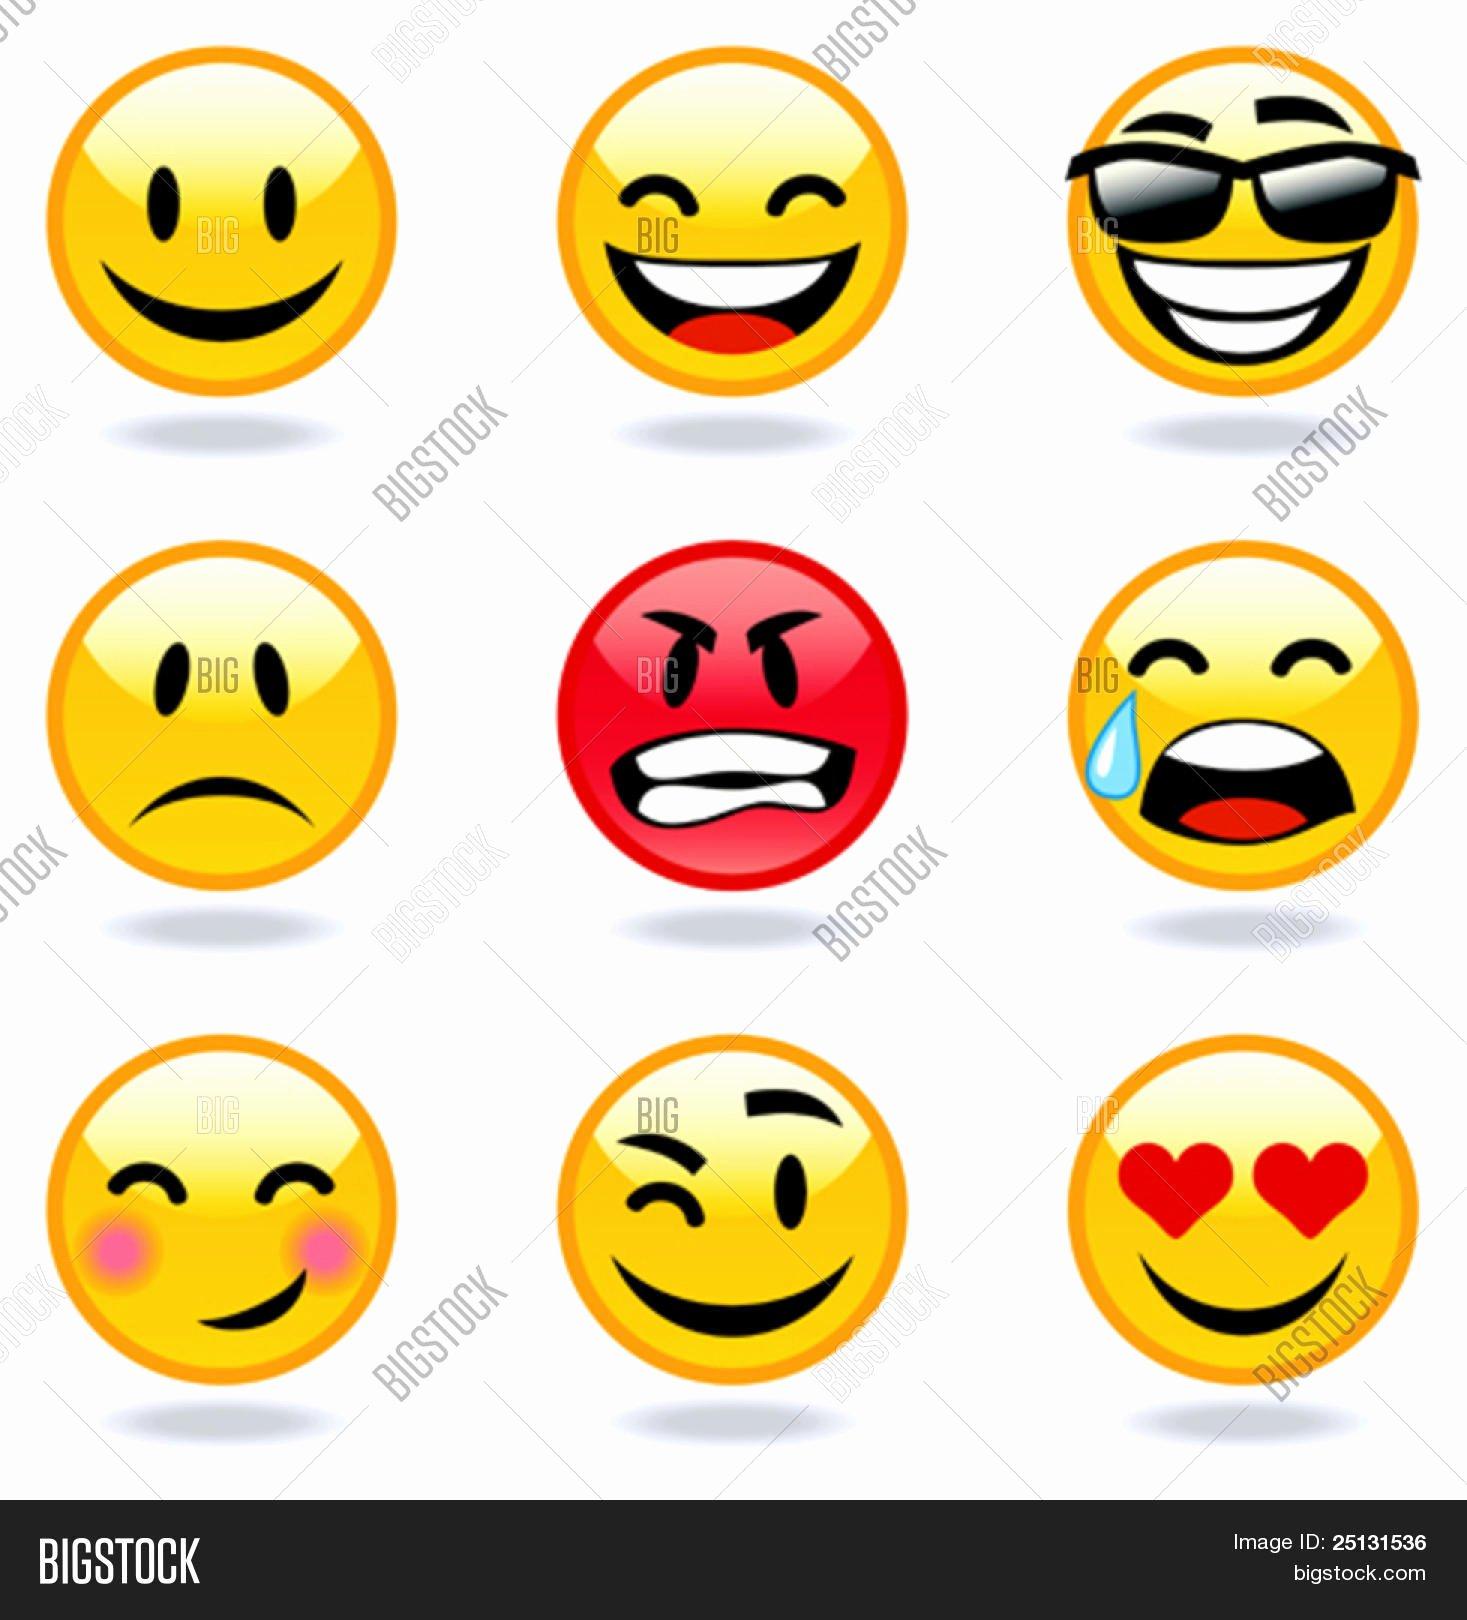 Happy and Sad Emoji Unique Happy and Sad Emoji